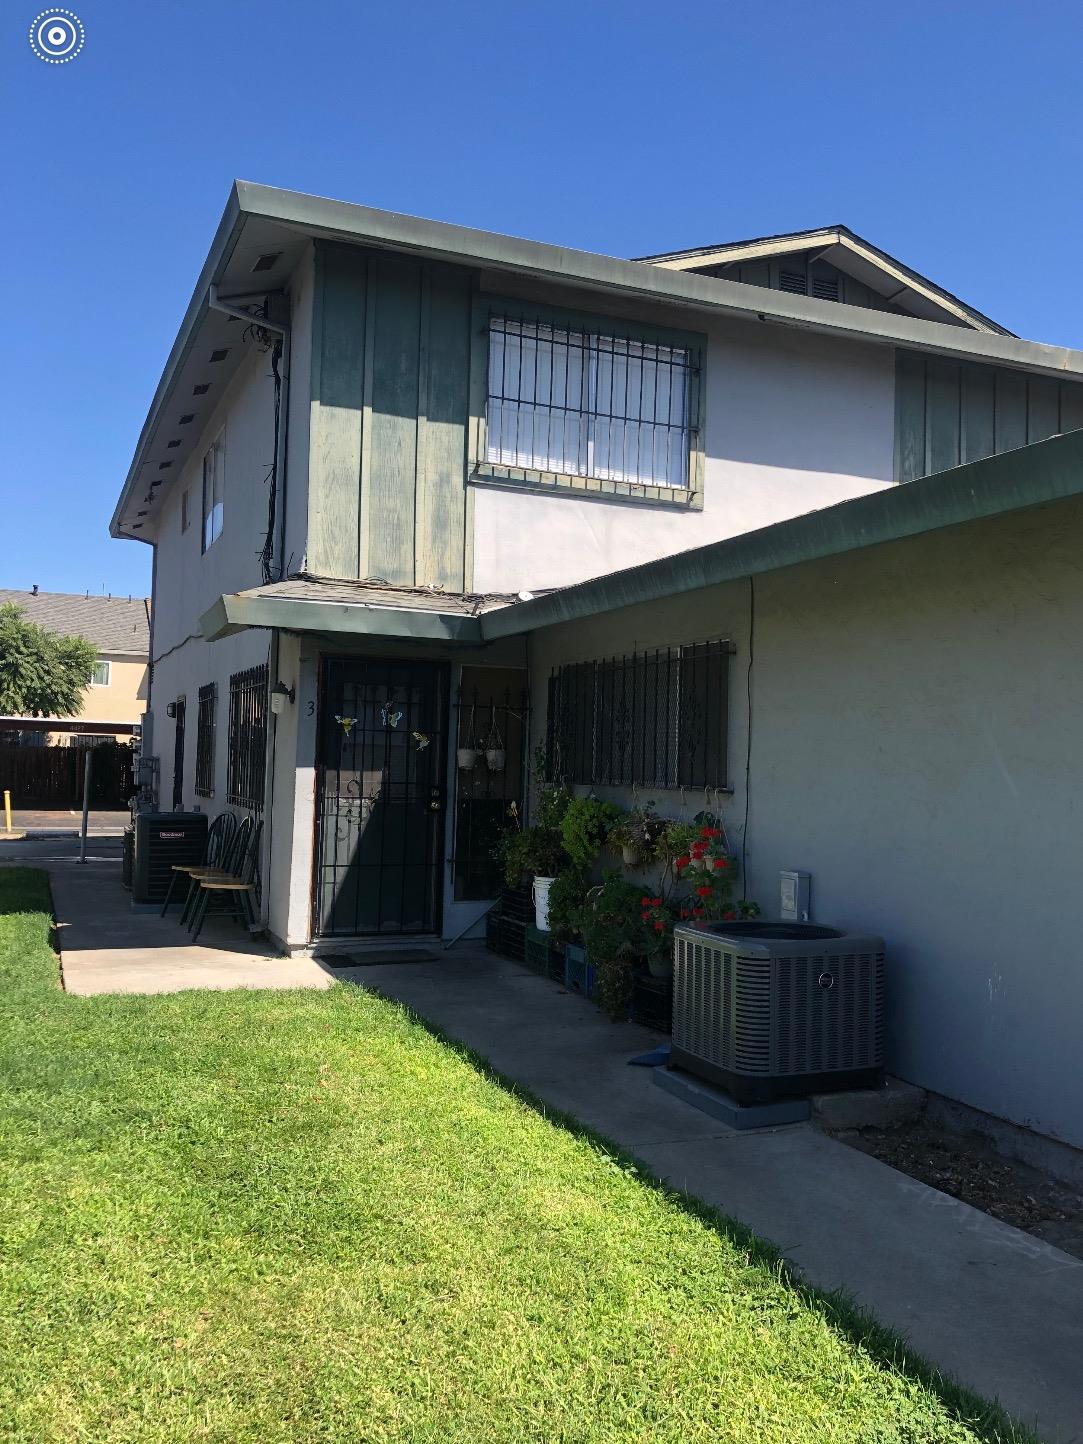 Photo of 4428 Calandria Street, Stockton, CA 95207